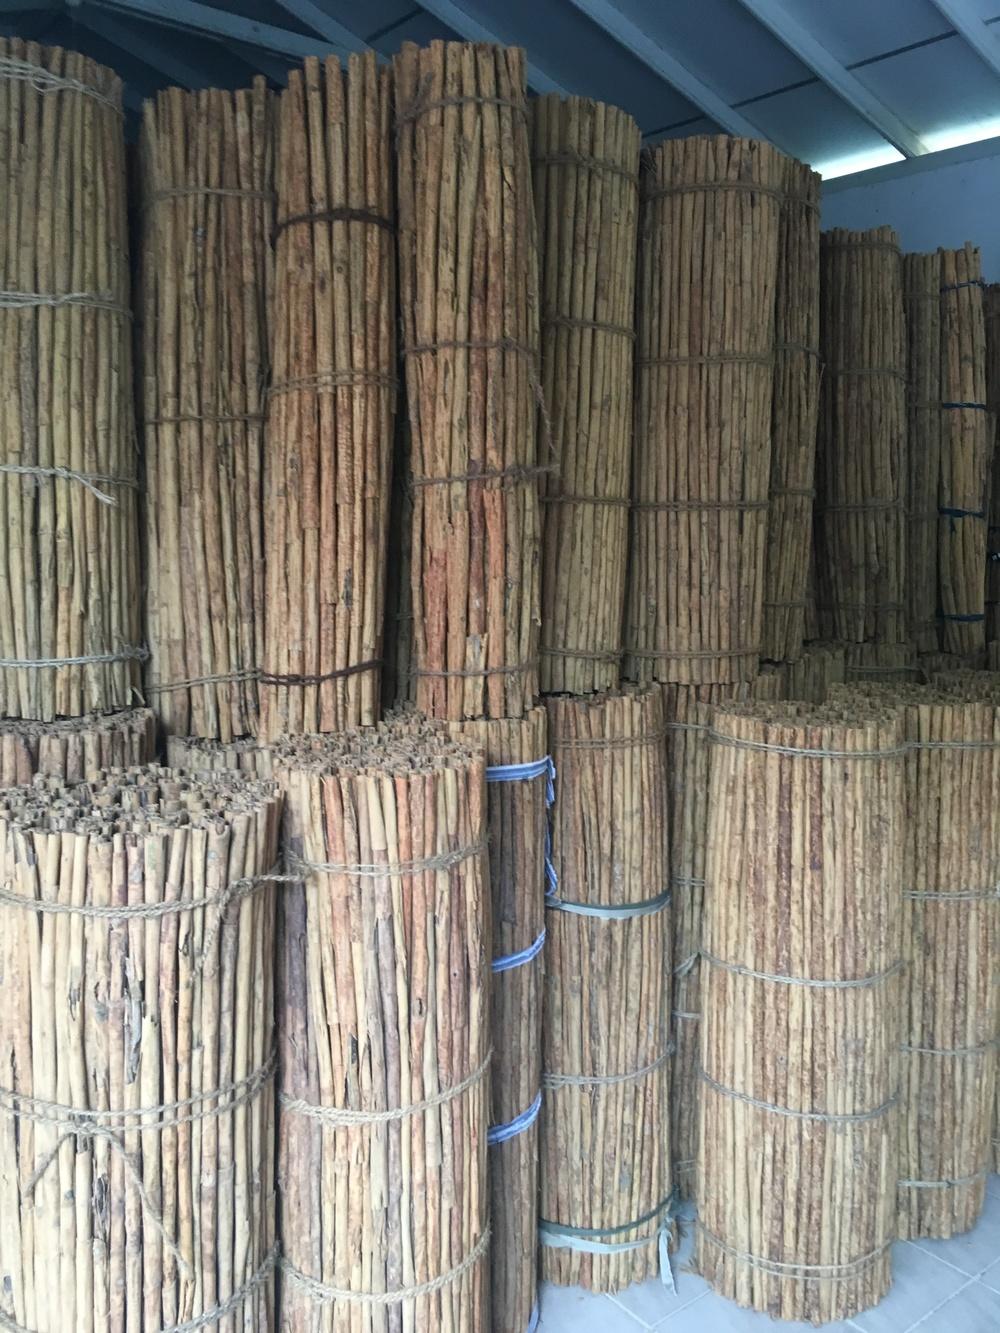 Depois de assistirmos ao processo de produção, fomos ao galpão onde as canelas são armazenadas para a exportação. Se fosse canela da china, penso que seria impossível permanecer num galpão cheio delas. Mas como a do Ceilão possui um aroma muito mais suave, estar na presença de tanta canela junta foi muito tranquilo. Um leve cheirinho de madeira com especiaria no ar.